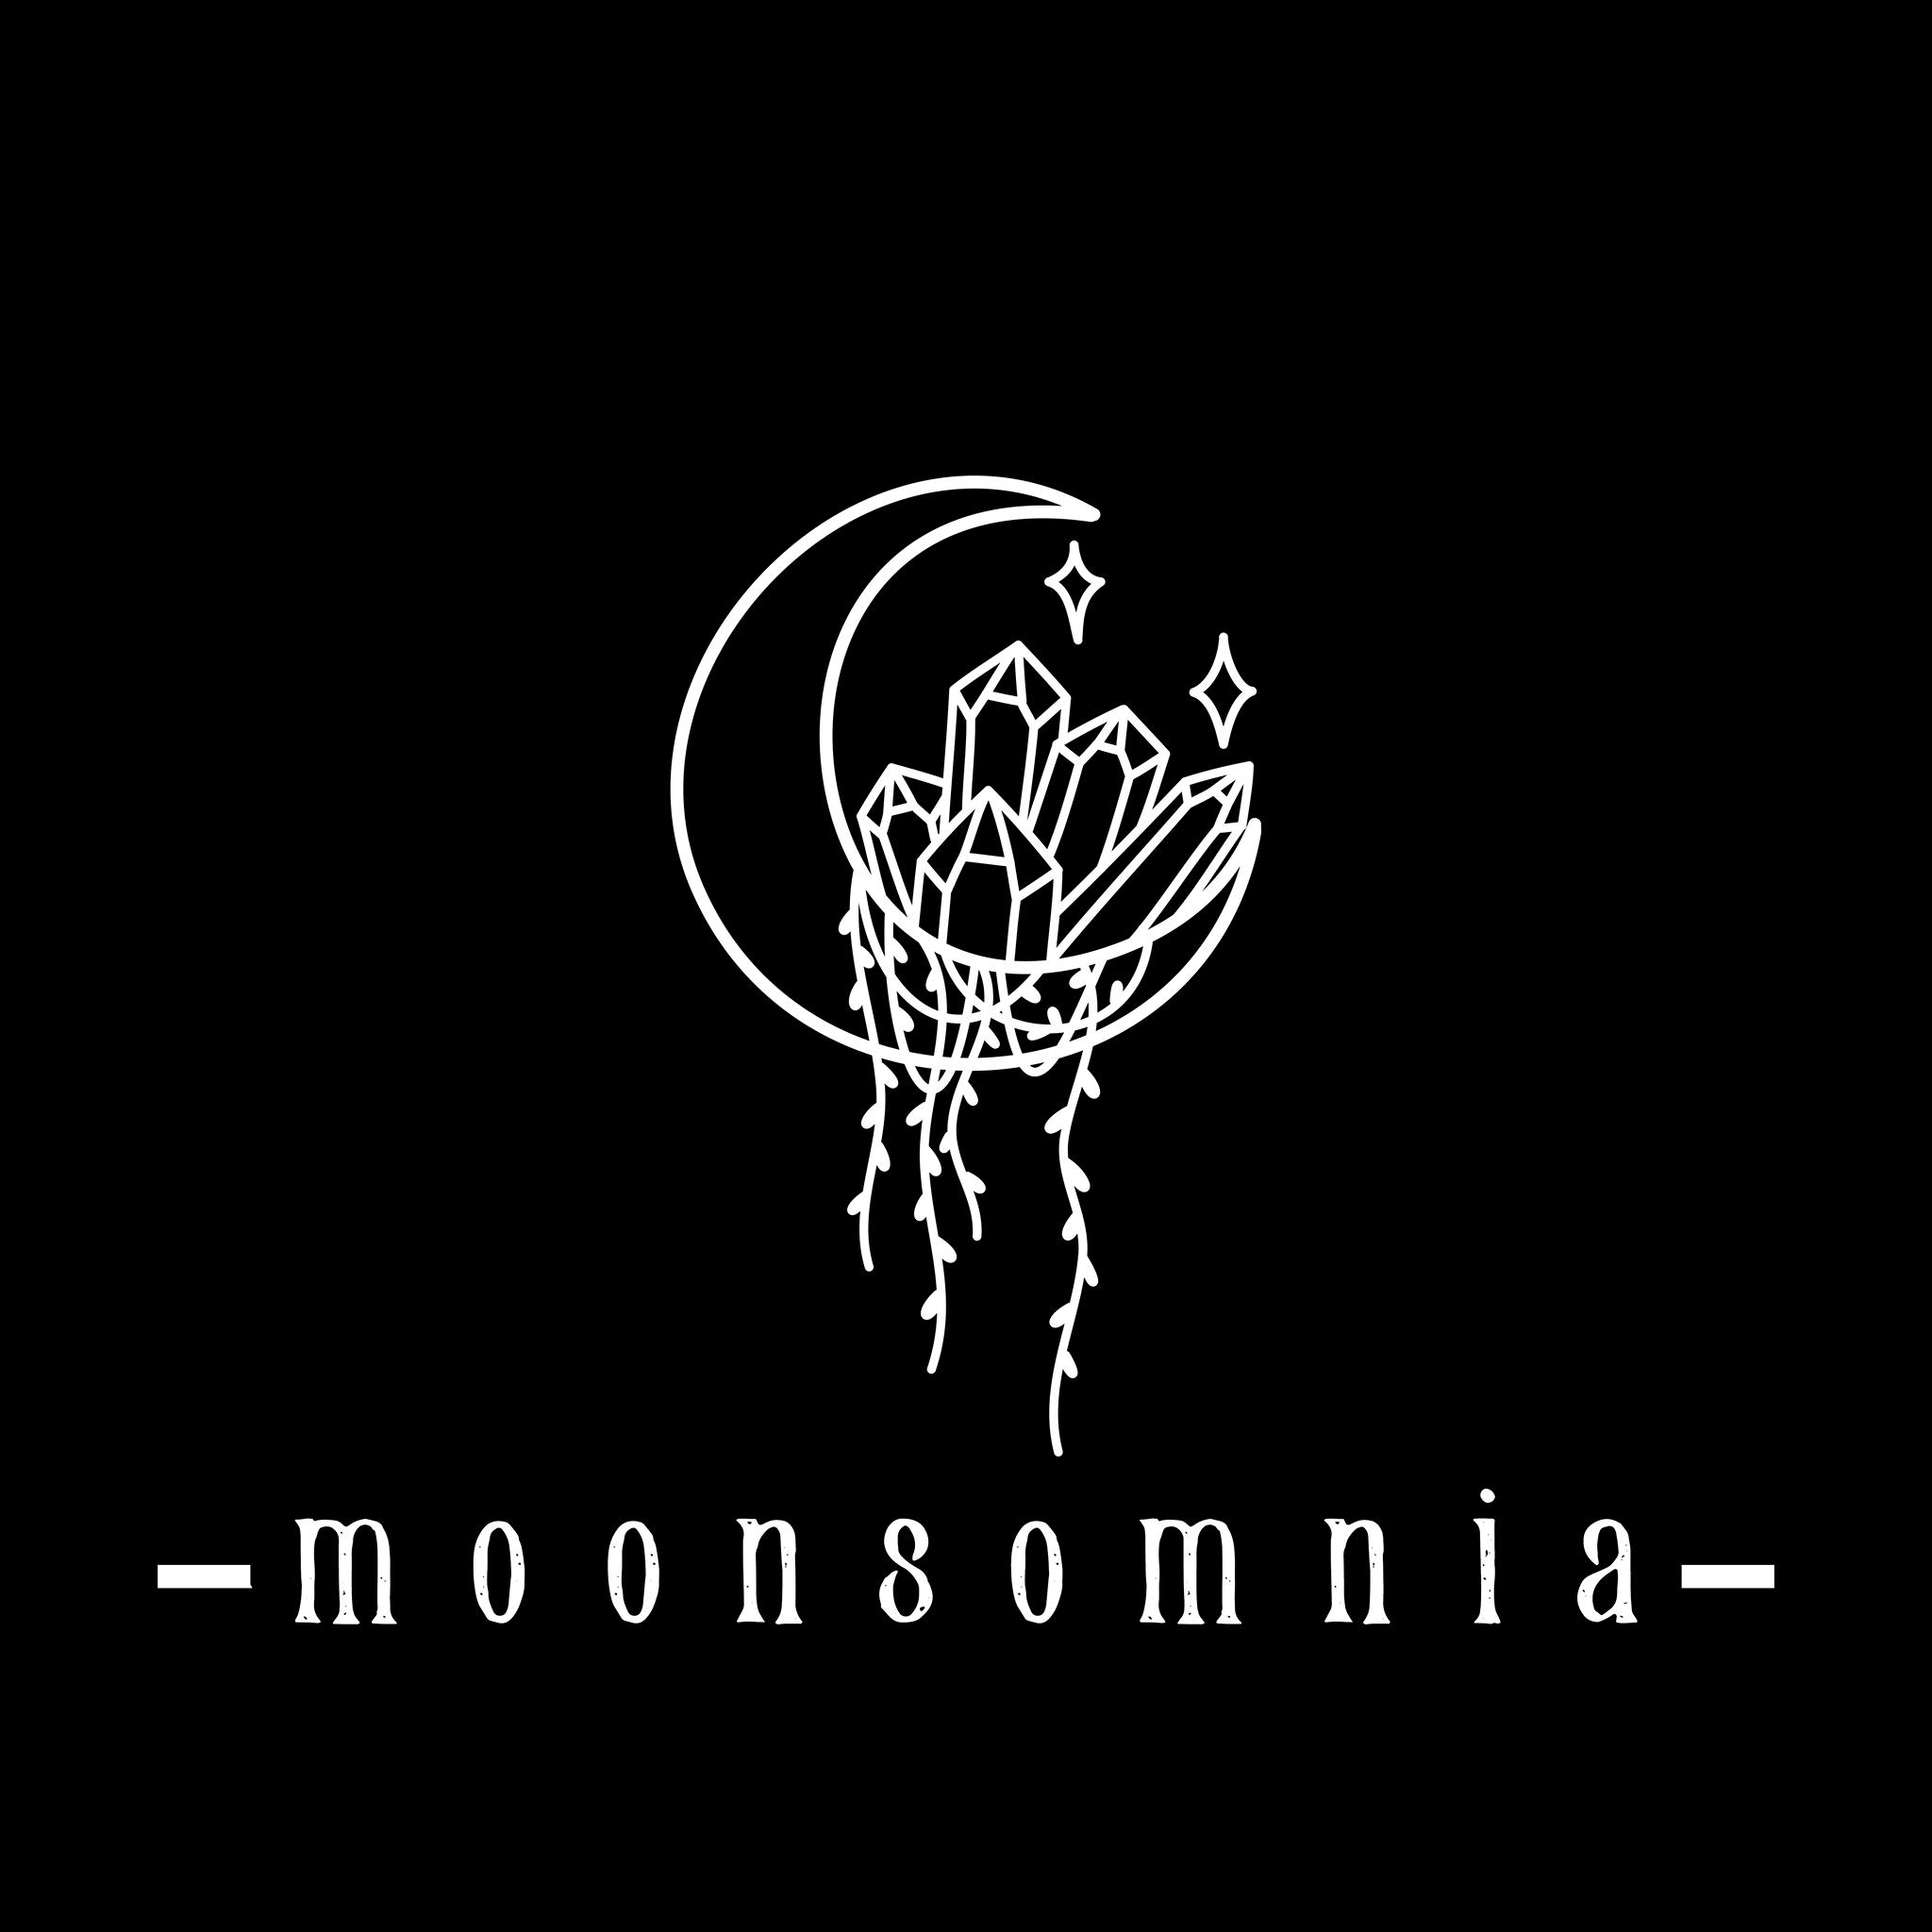 Moonsomnia blog logo